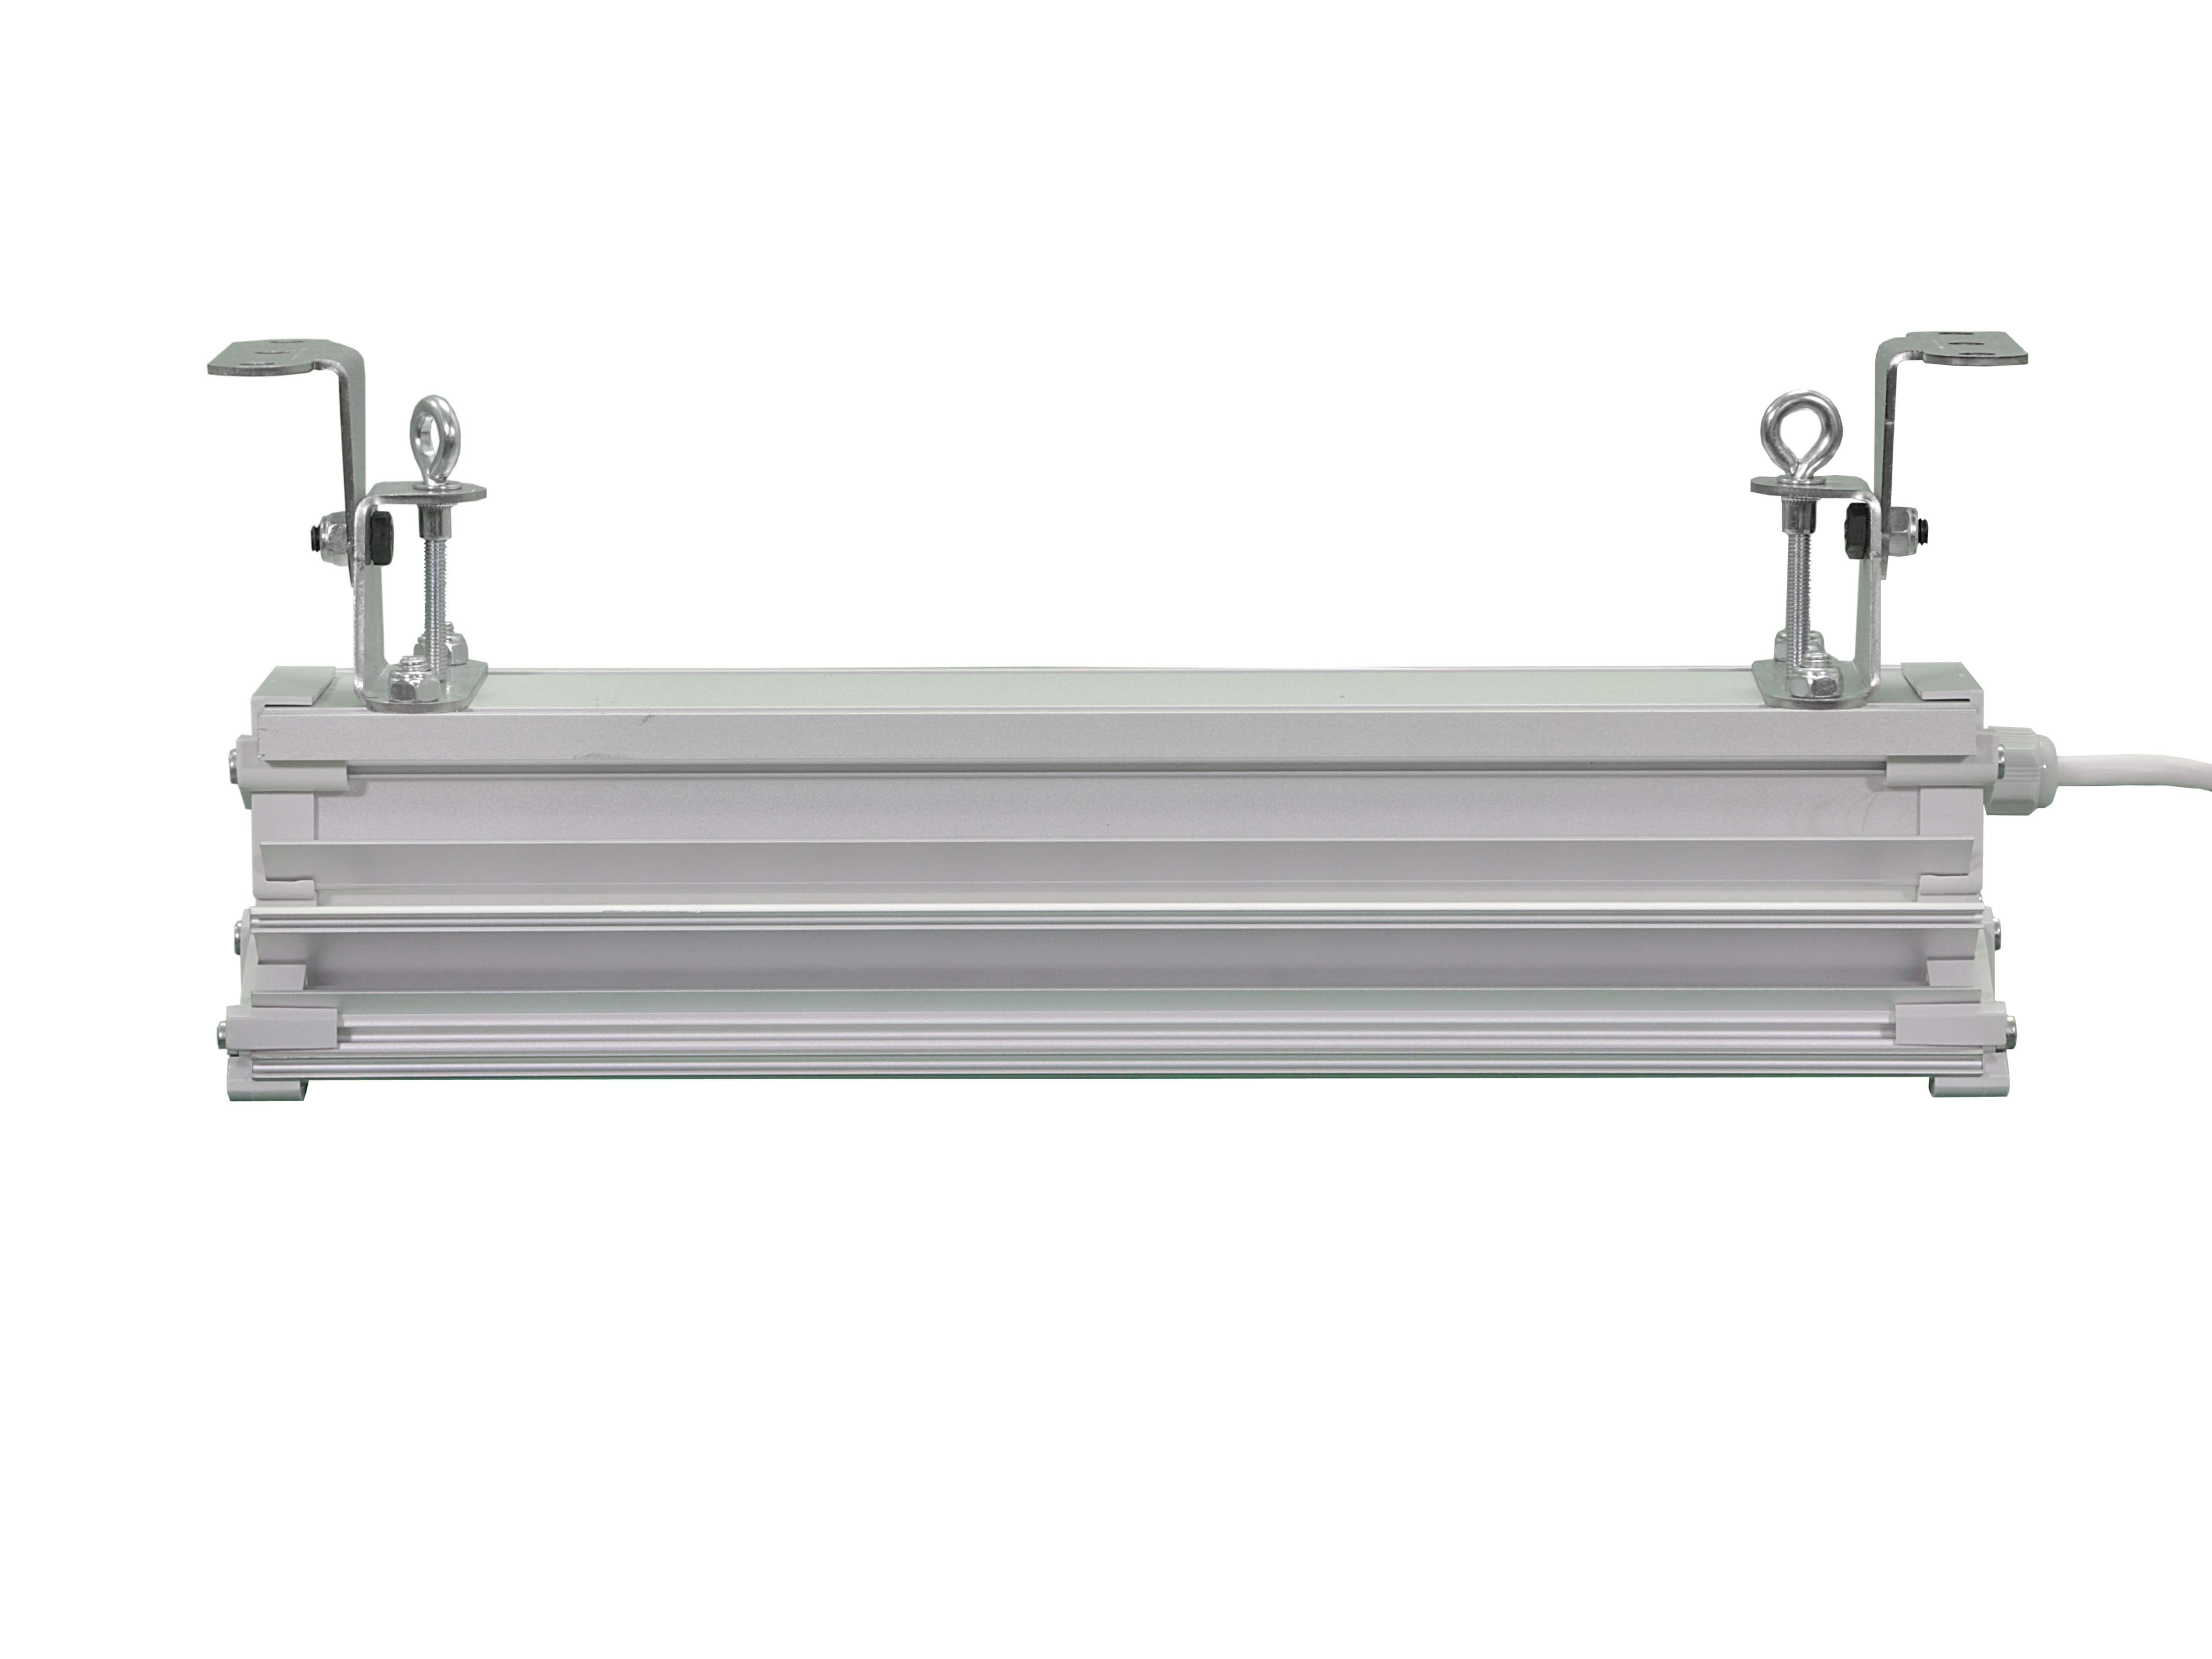 Промышленный светодиодный светильник Лайн-90 90Вт 10890Лм